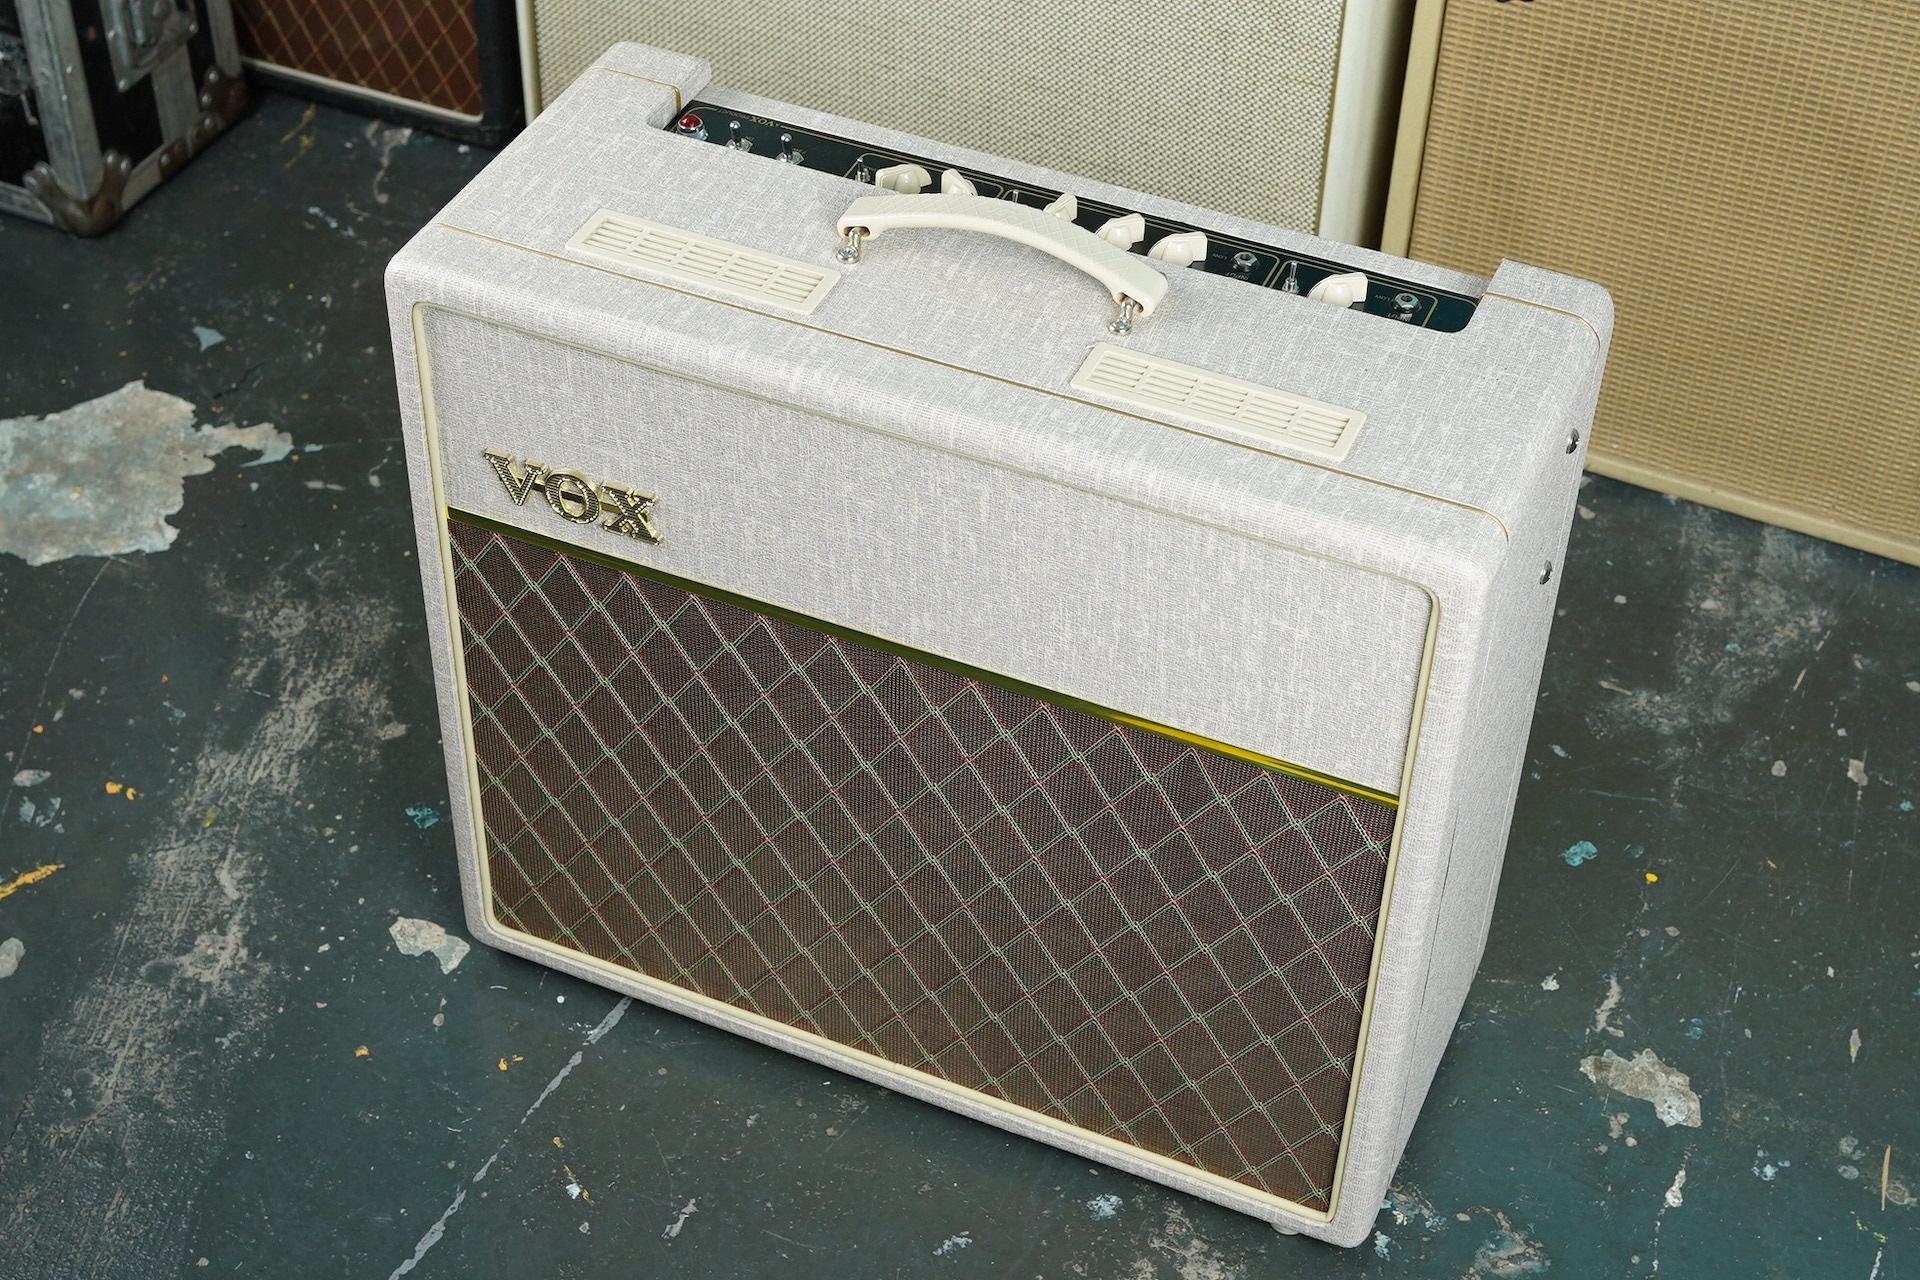 Vox AC15HW1 Handwired Amplifier